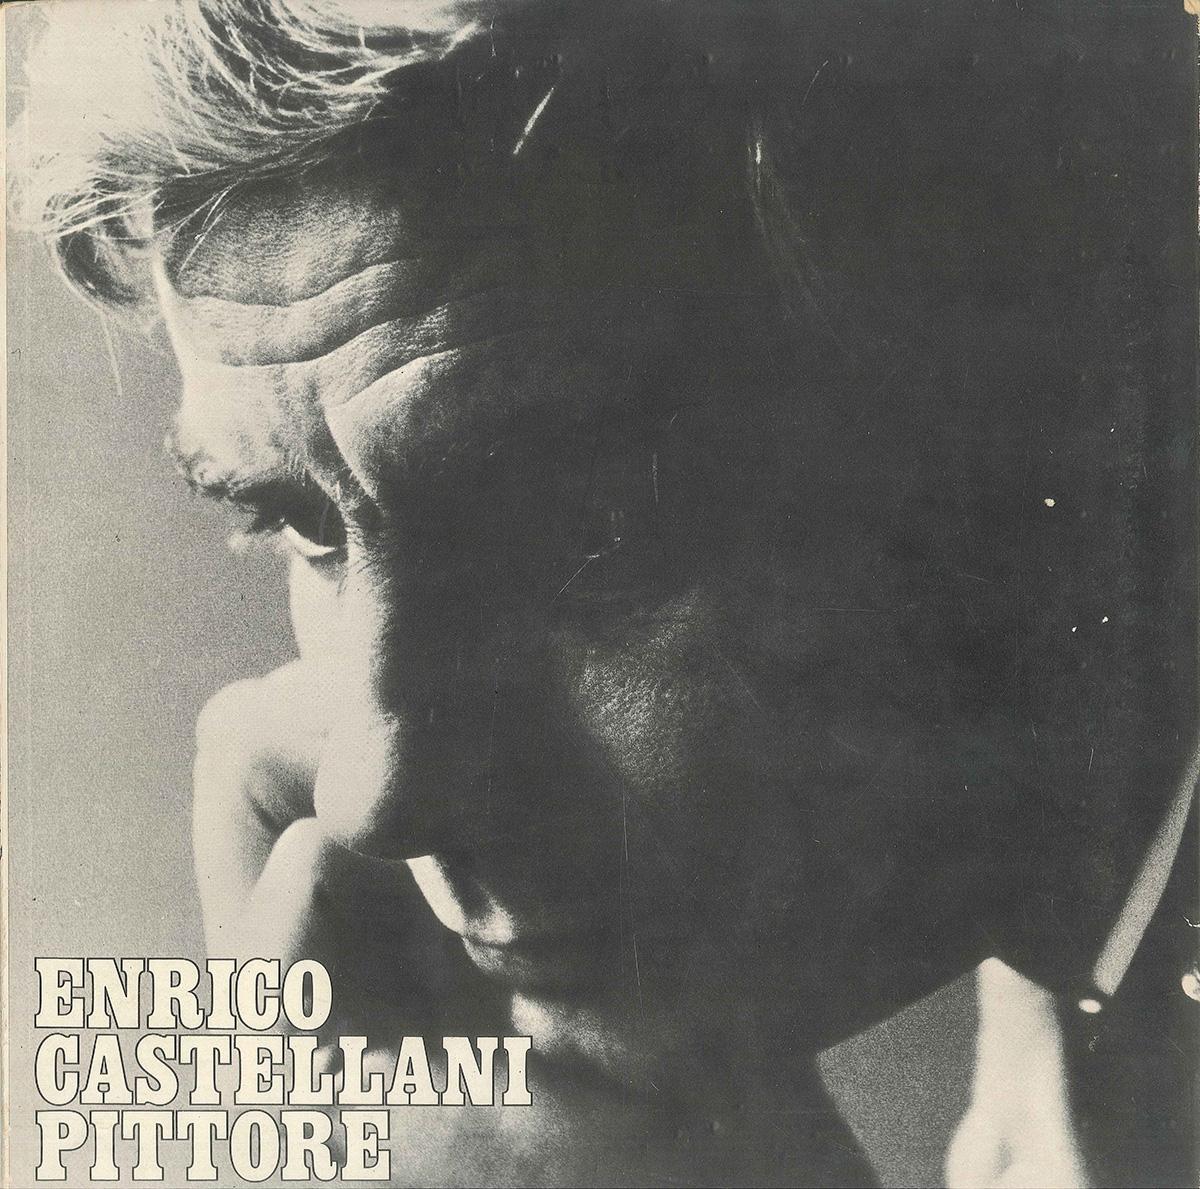 Copertina - Enrico Castellani Pittore, Vincenzo Agnetti, 1968, Achille Mauri Editore, Milano